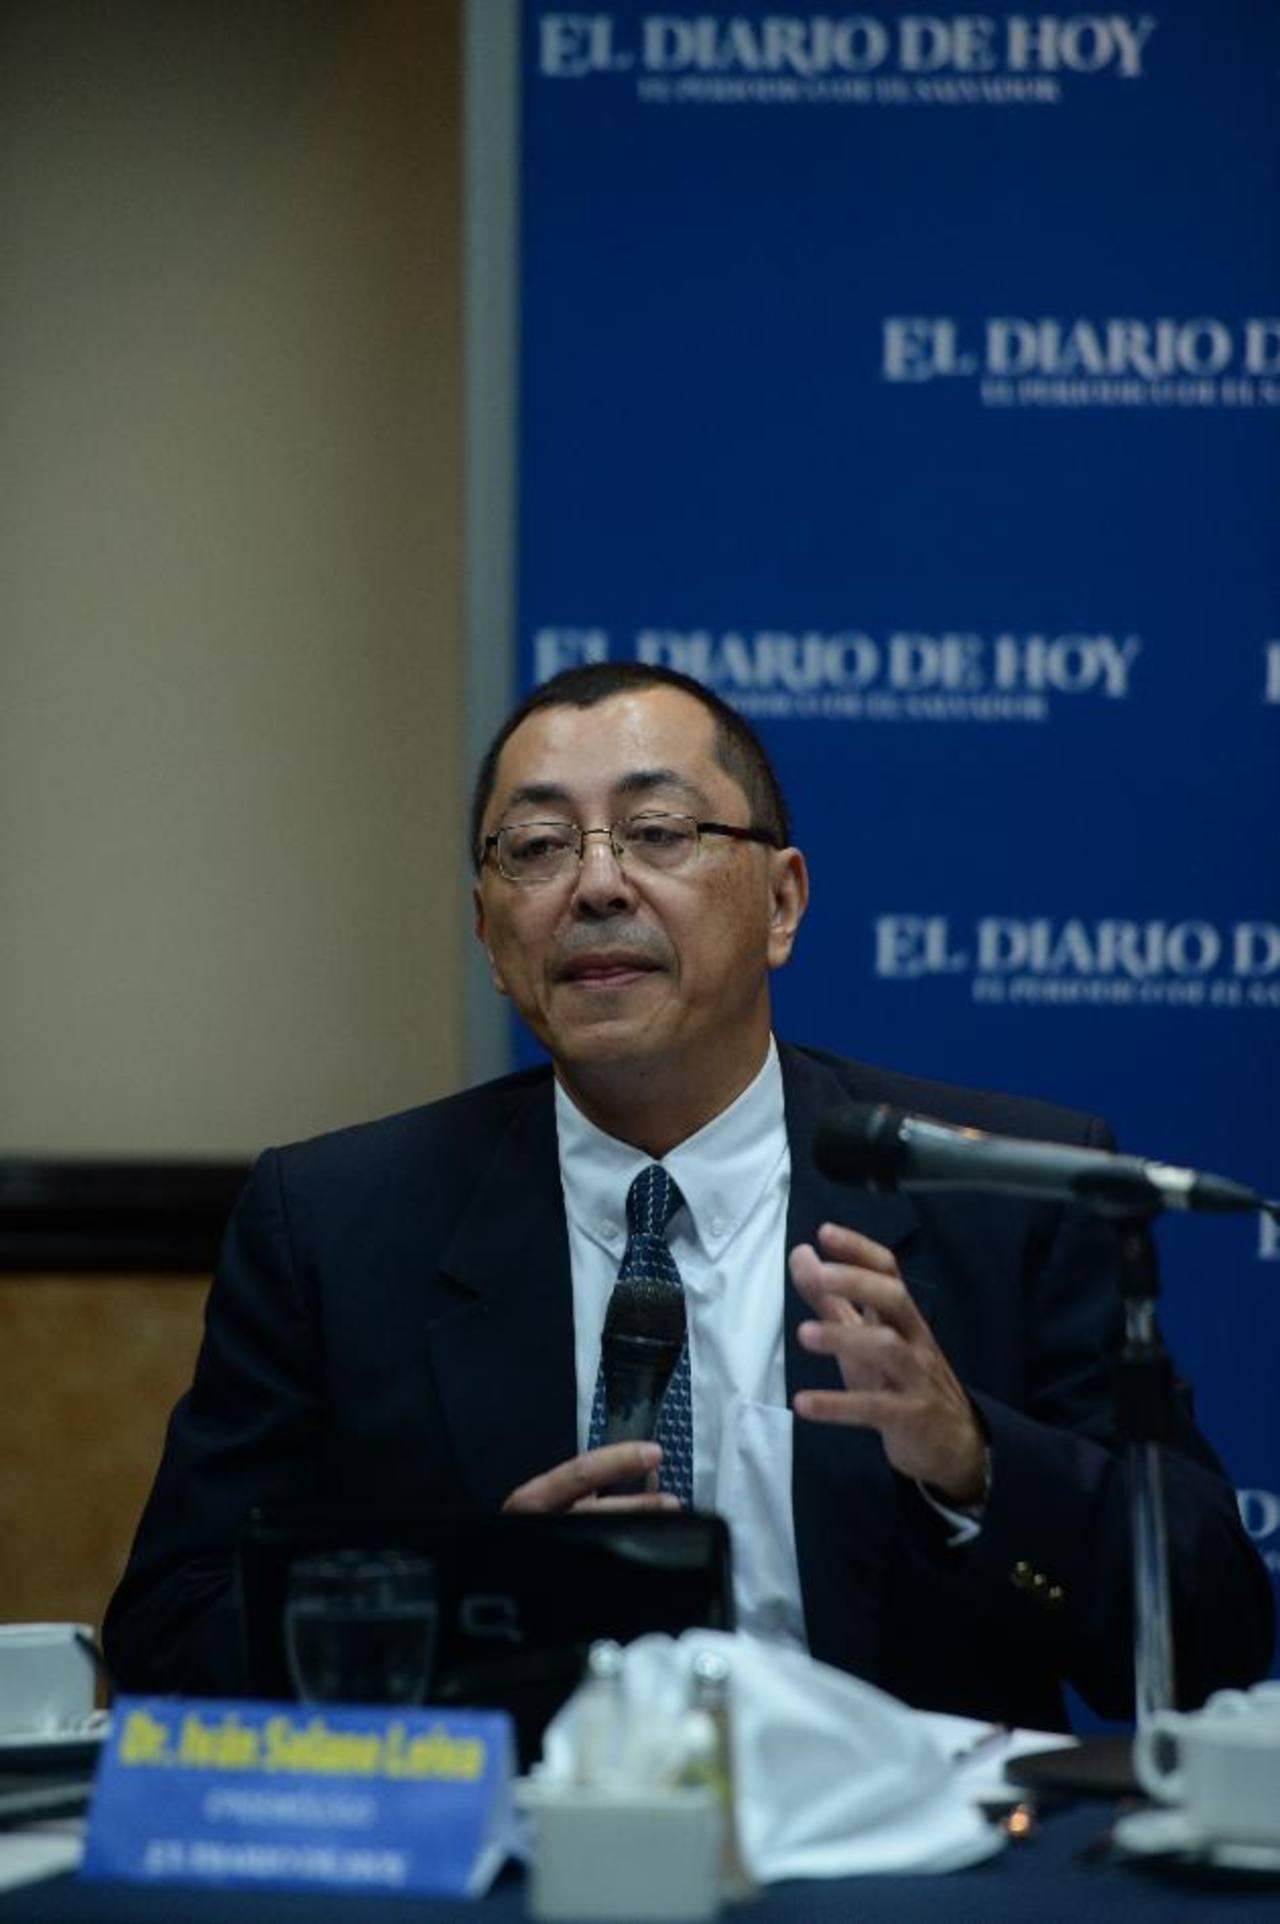 Dr. Iván Solano Leiva Profesión: Médico Infectólogo Cargo: ejerce en una institución autónomaFoto EDH / marlon hernández